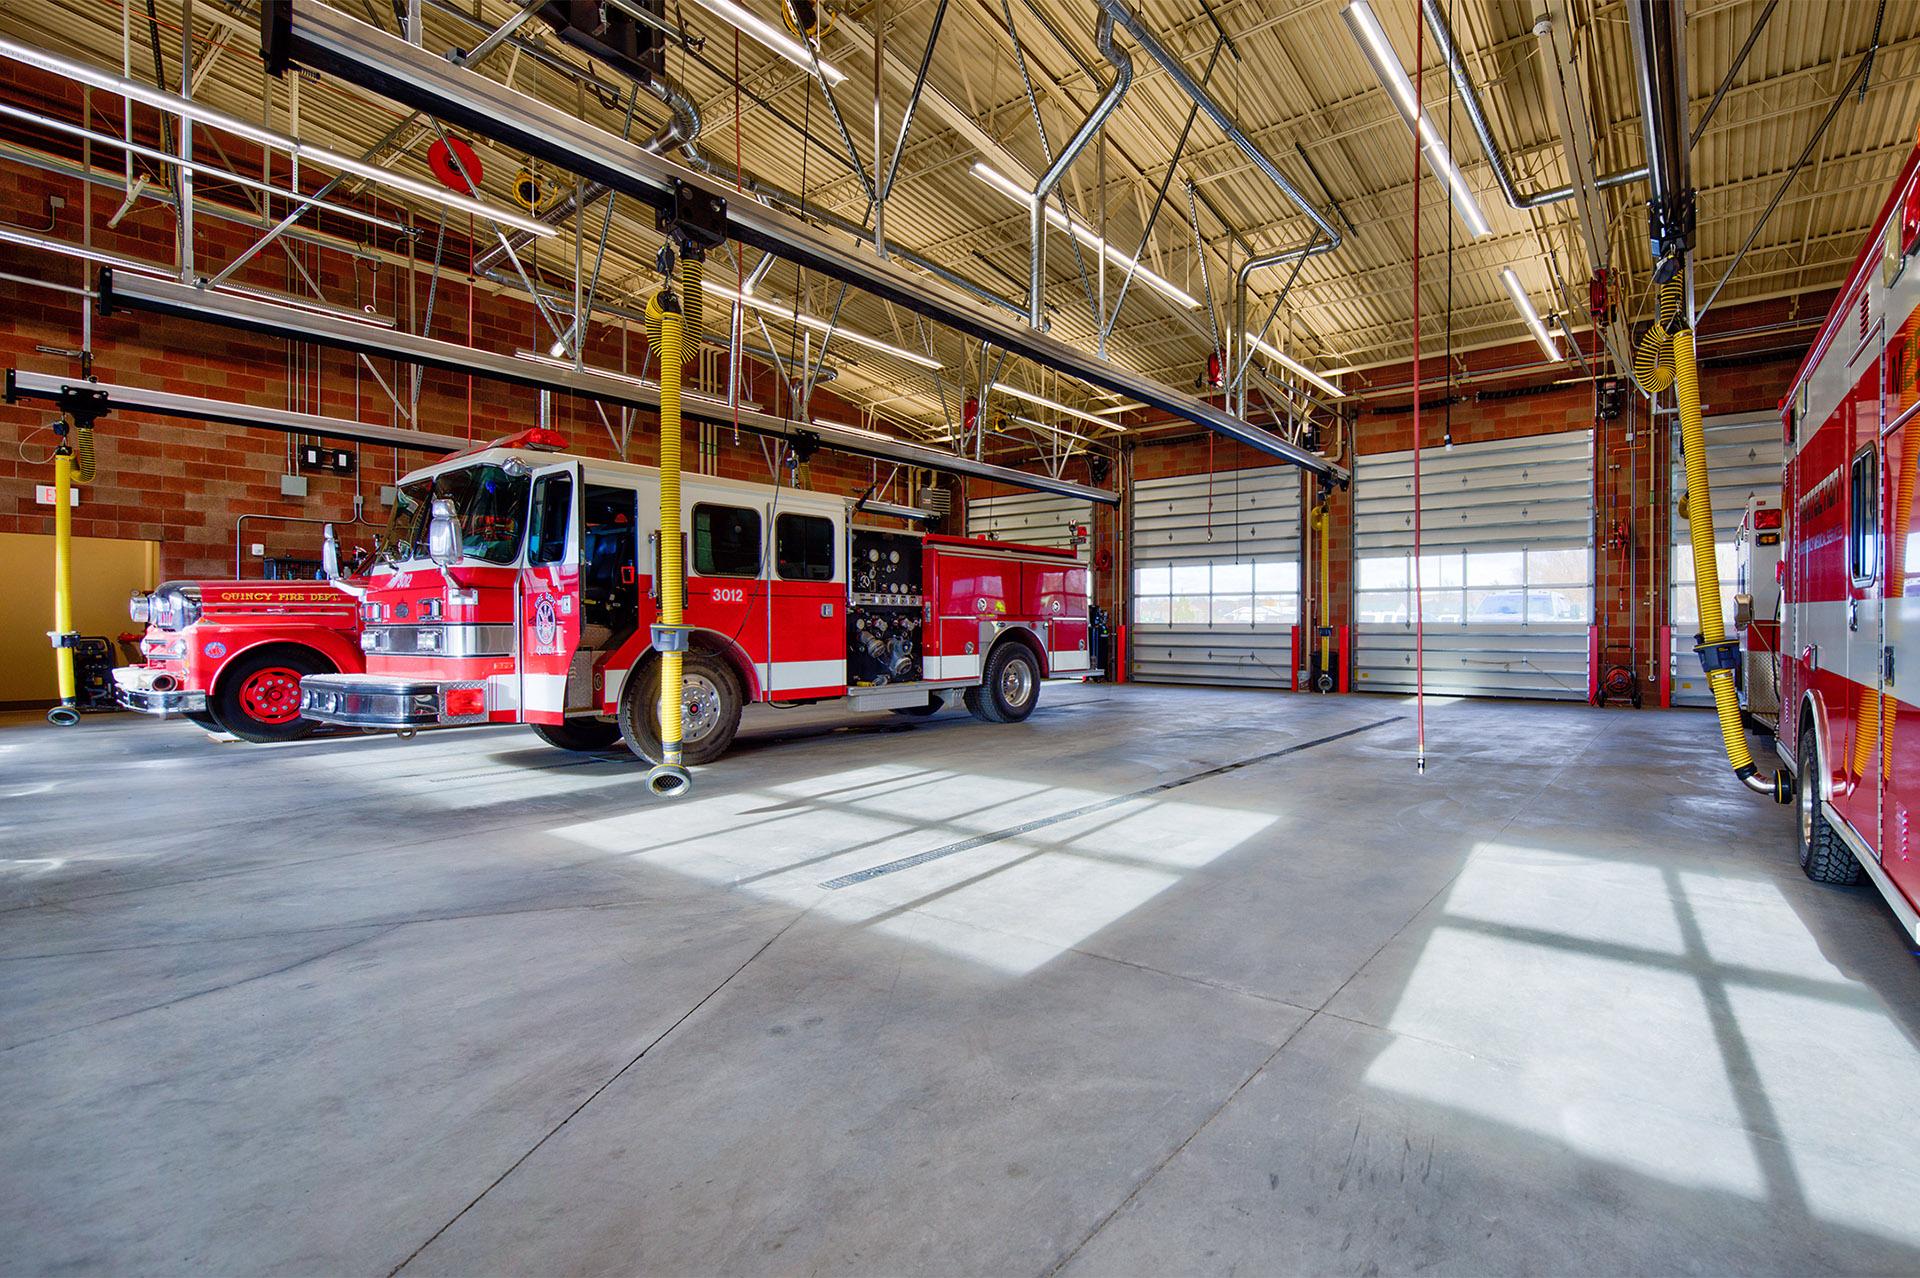 Quincy Public Safety Facility Apparatus Bay